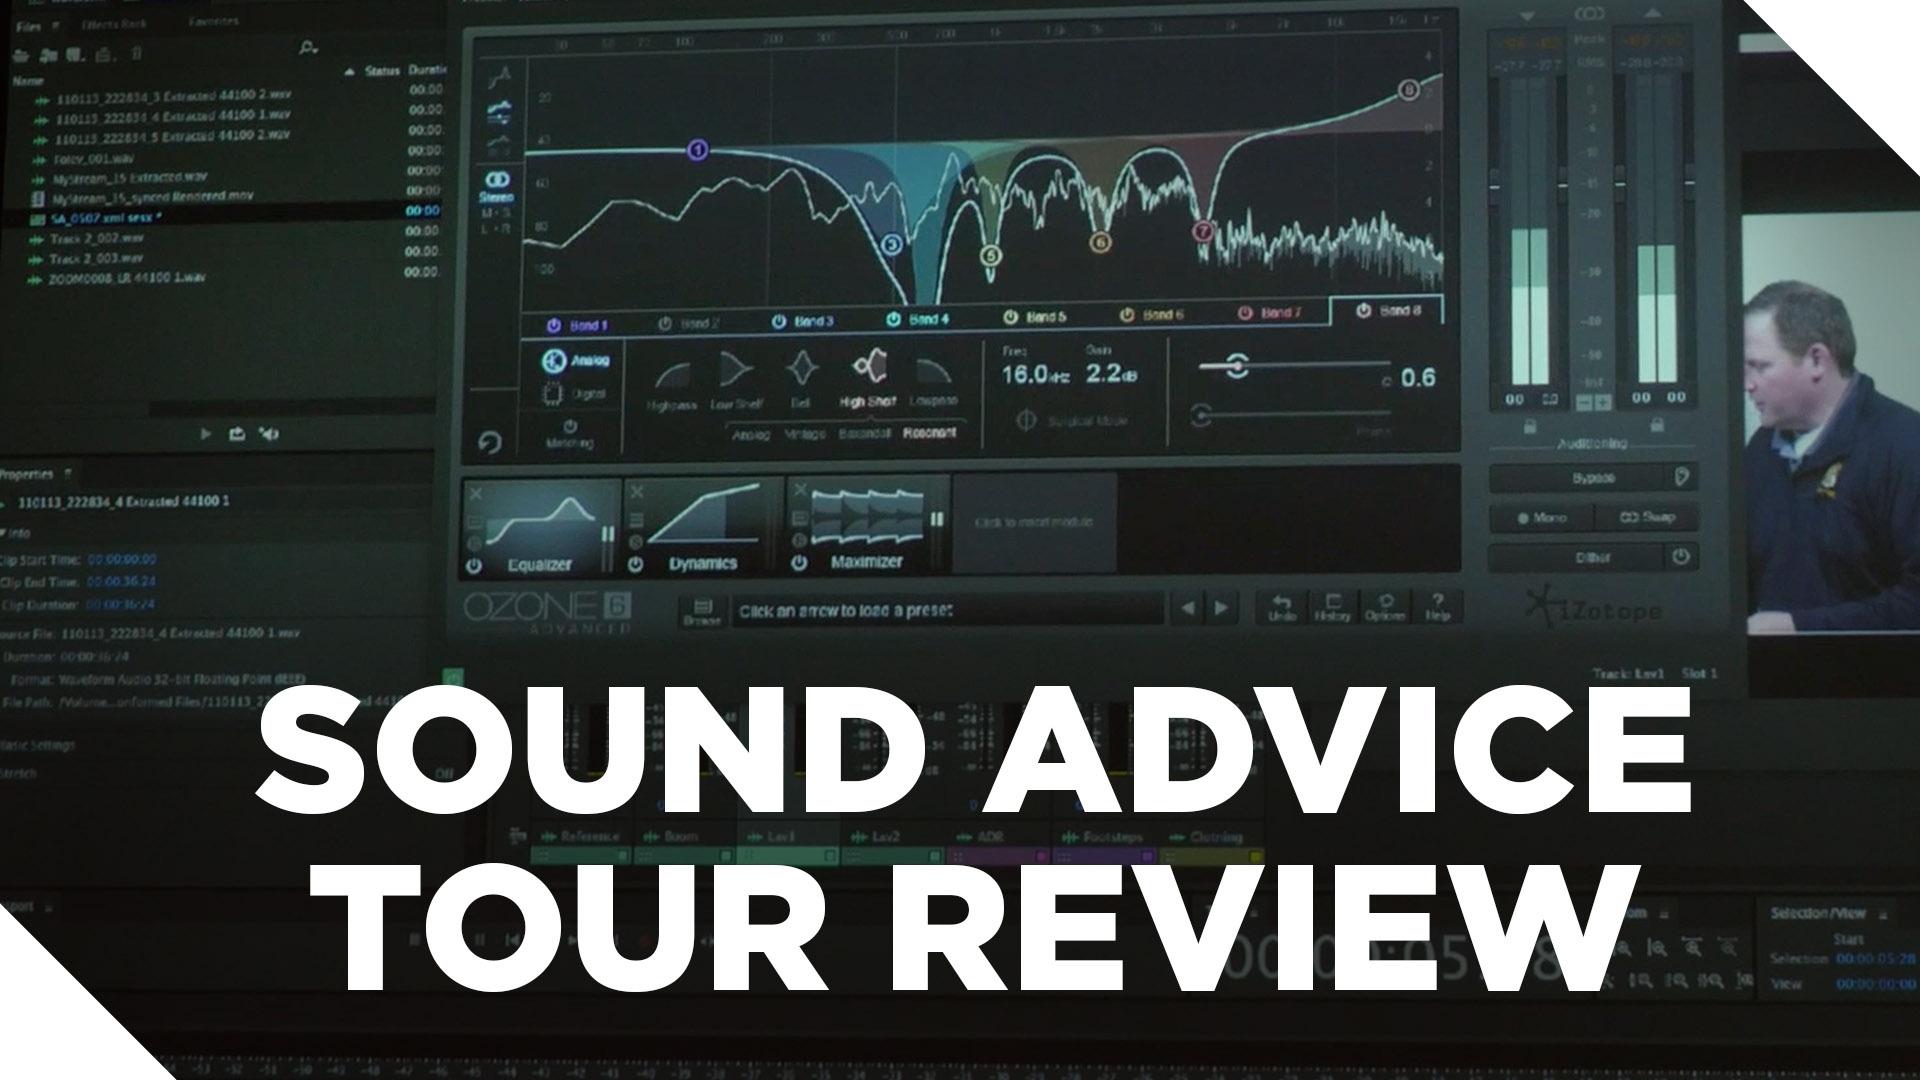 Sound Advice Tour Review